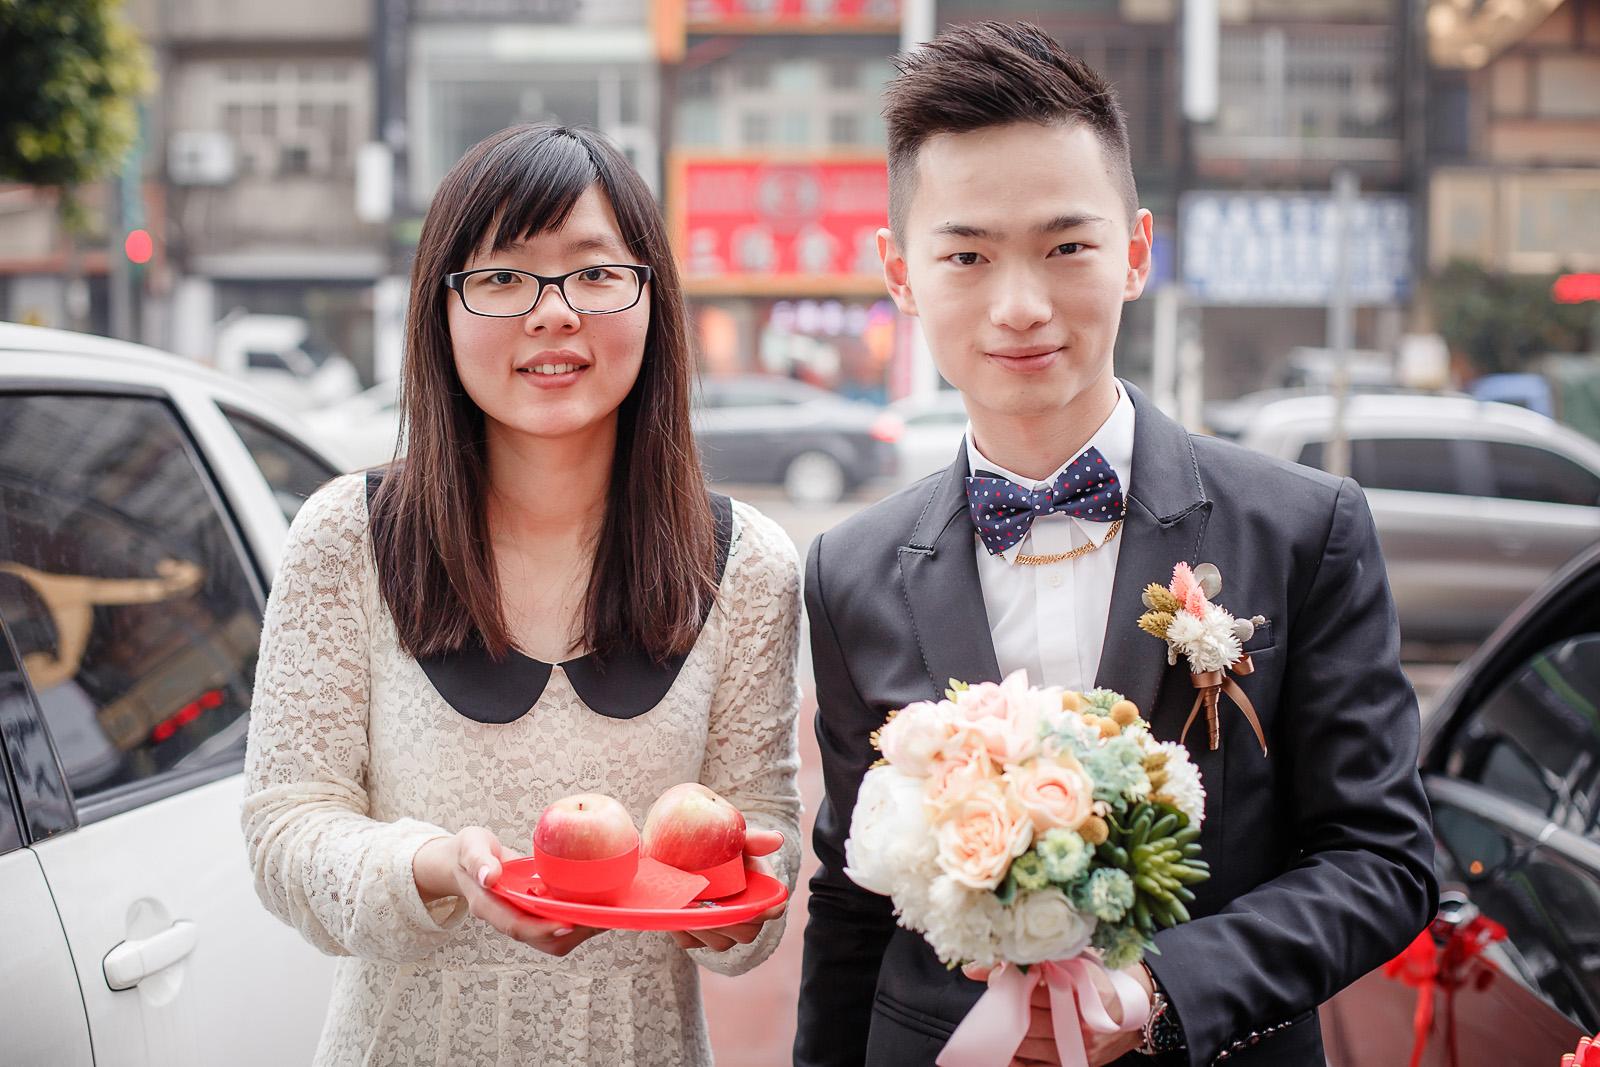 高雄圓山飯店,婚禮攝影,婚攝,高雄婚攝,優質婚攝推薦,Jen&Ethan-083